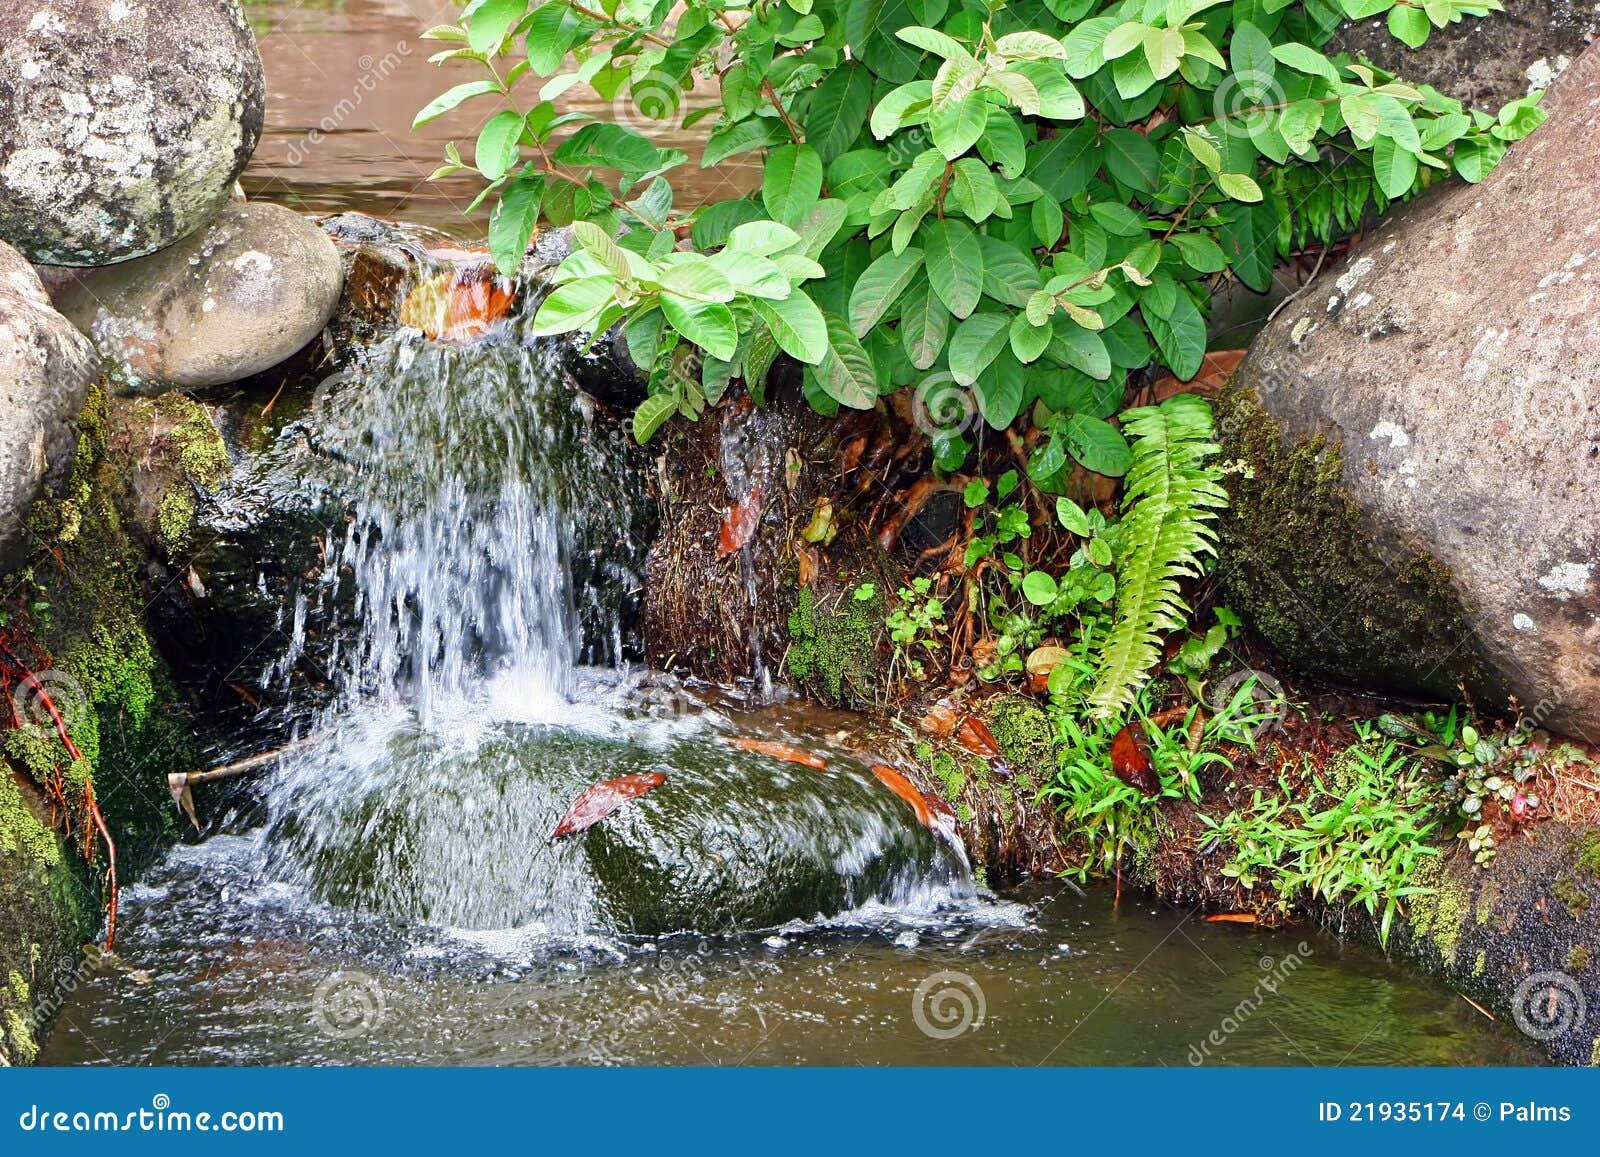 Cascata in giardino roccioso fotografia stock immagine - Giardino roccioso foto ...